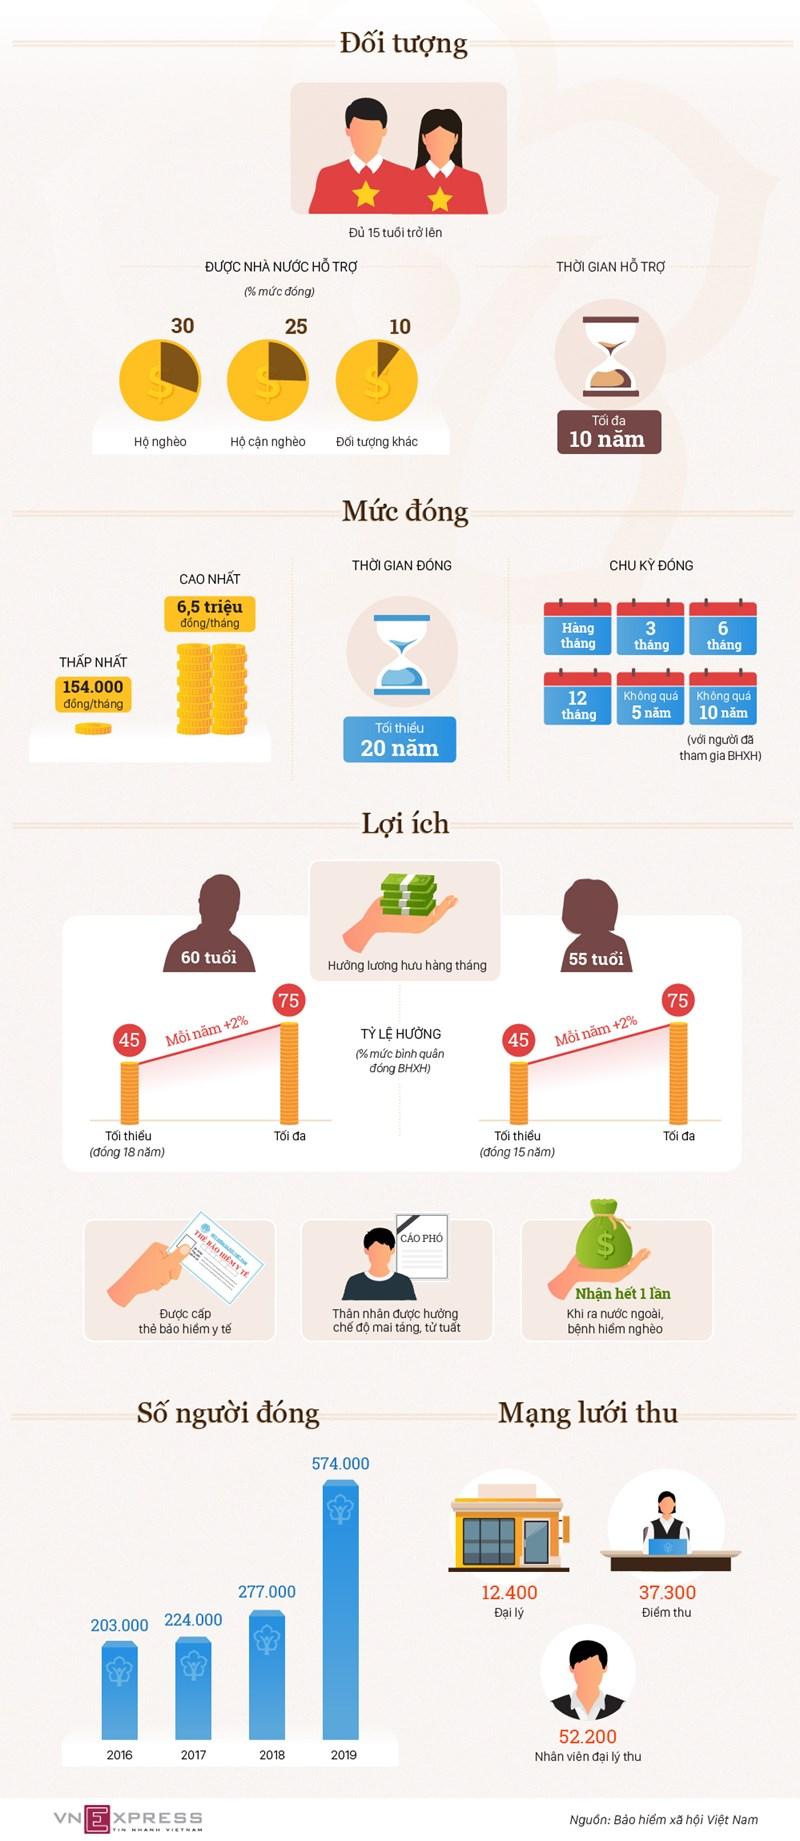 [Infographics] Bảo hiểm xã hội tự nguyện có lợi ích gì? - Ảnh 1